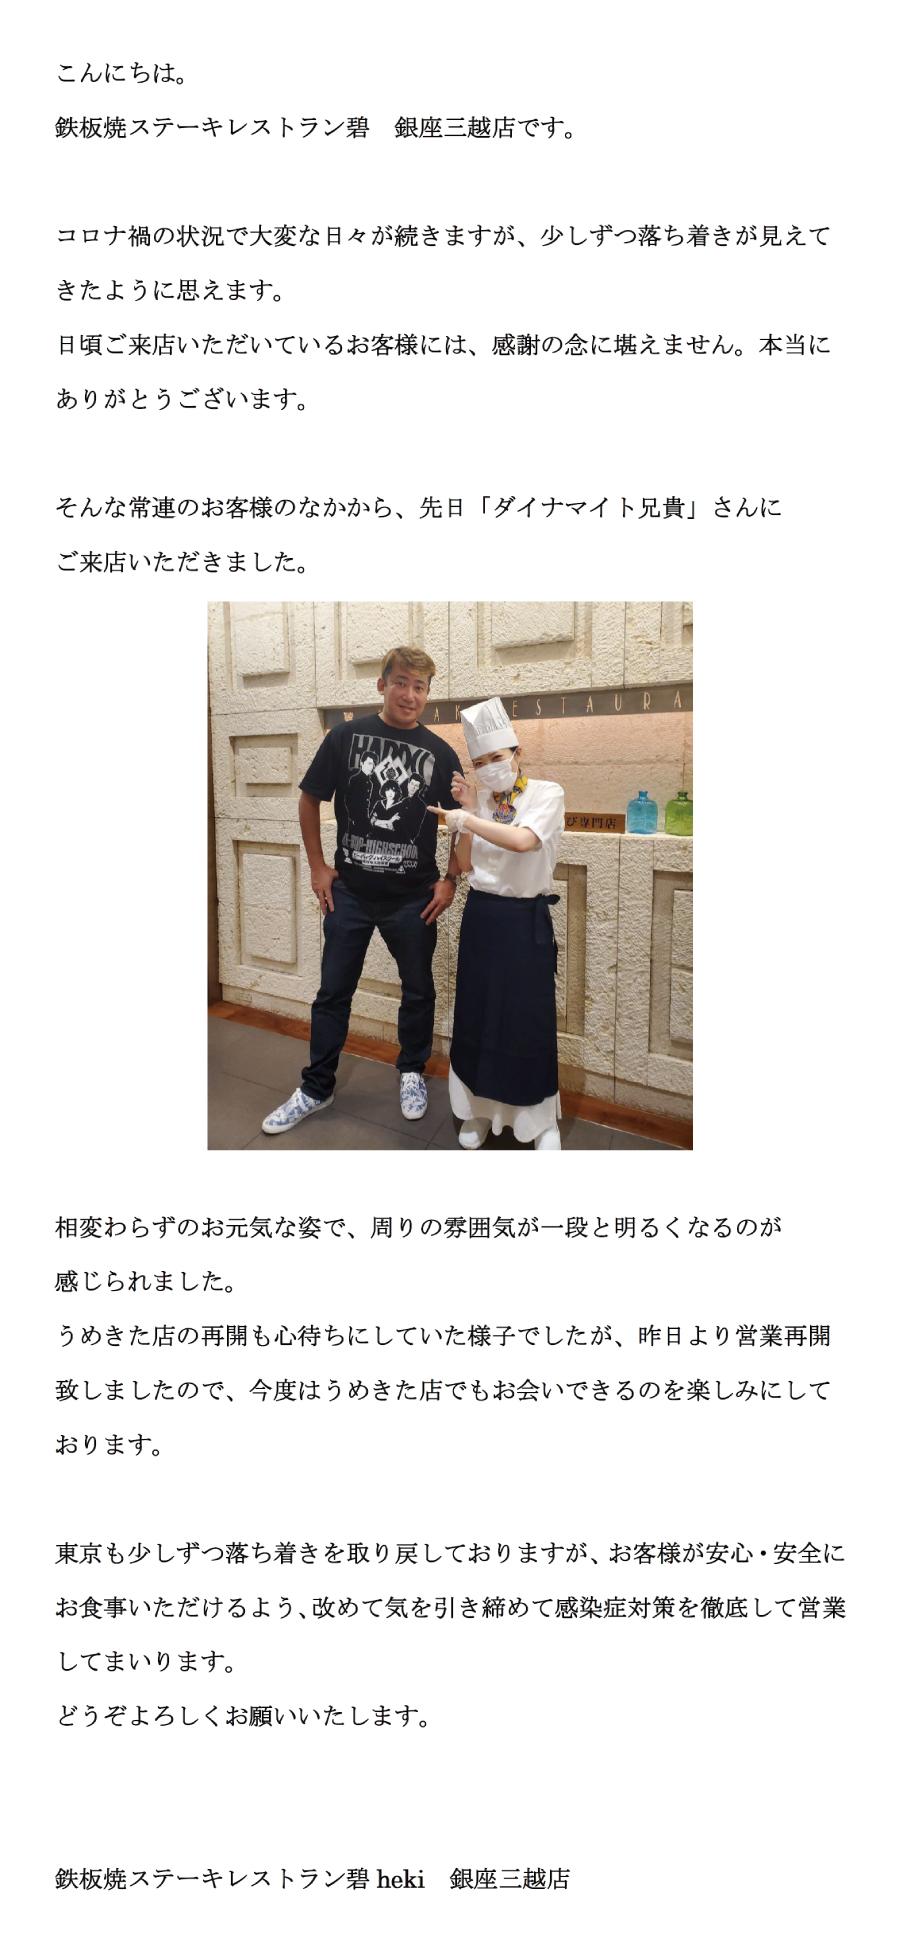 銀座店ダイナマイト兄貴ブログ